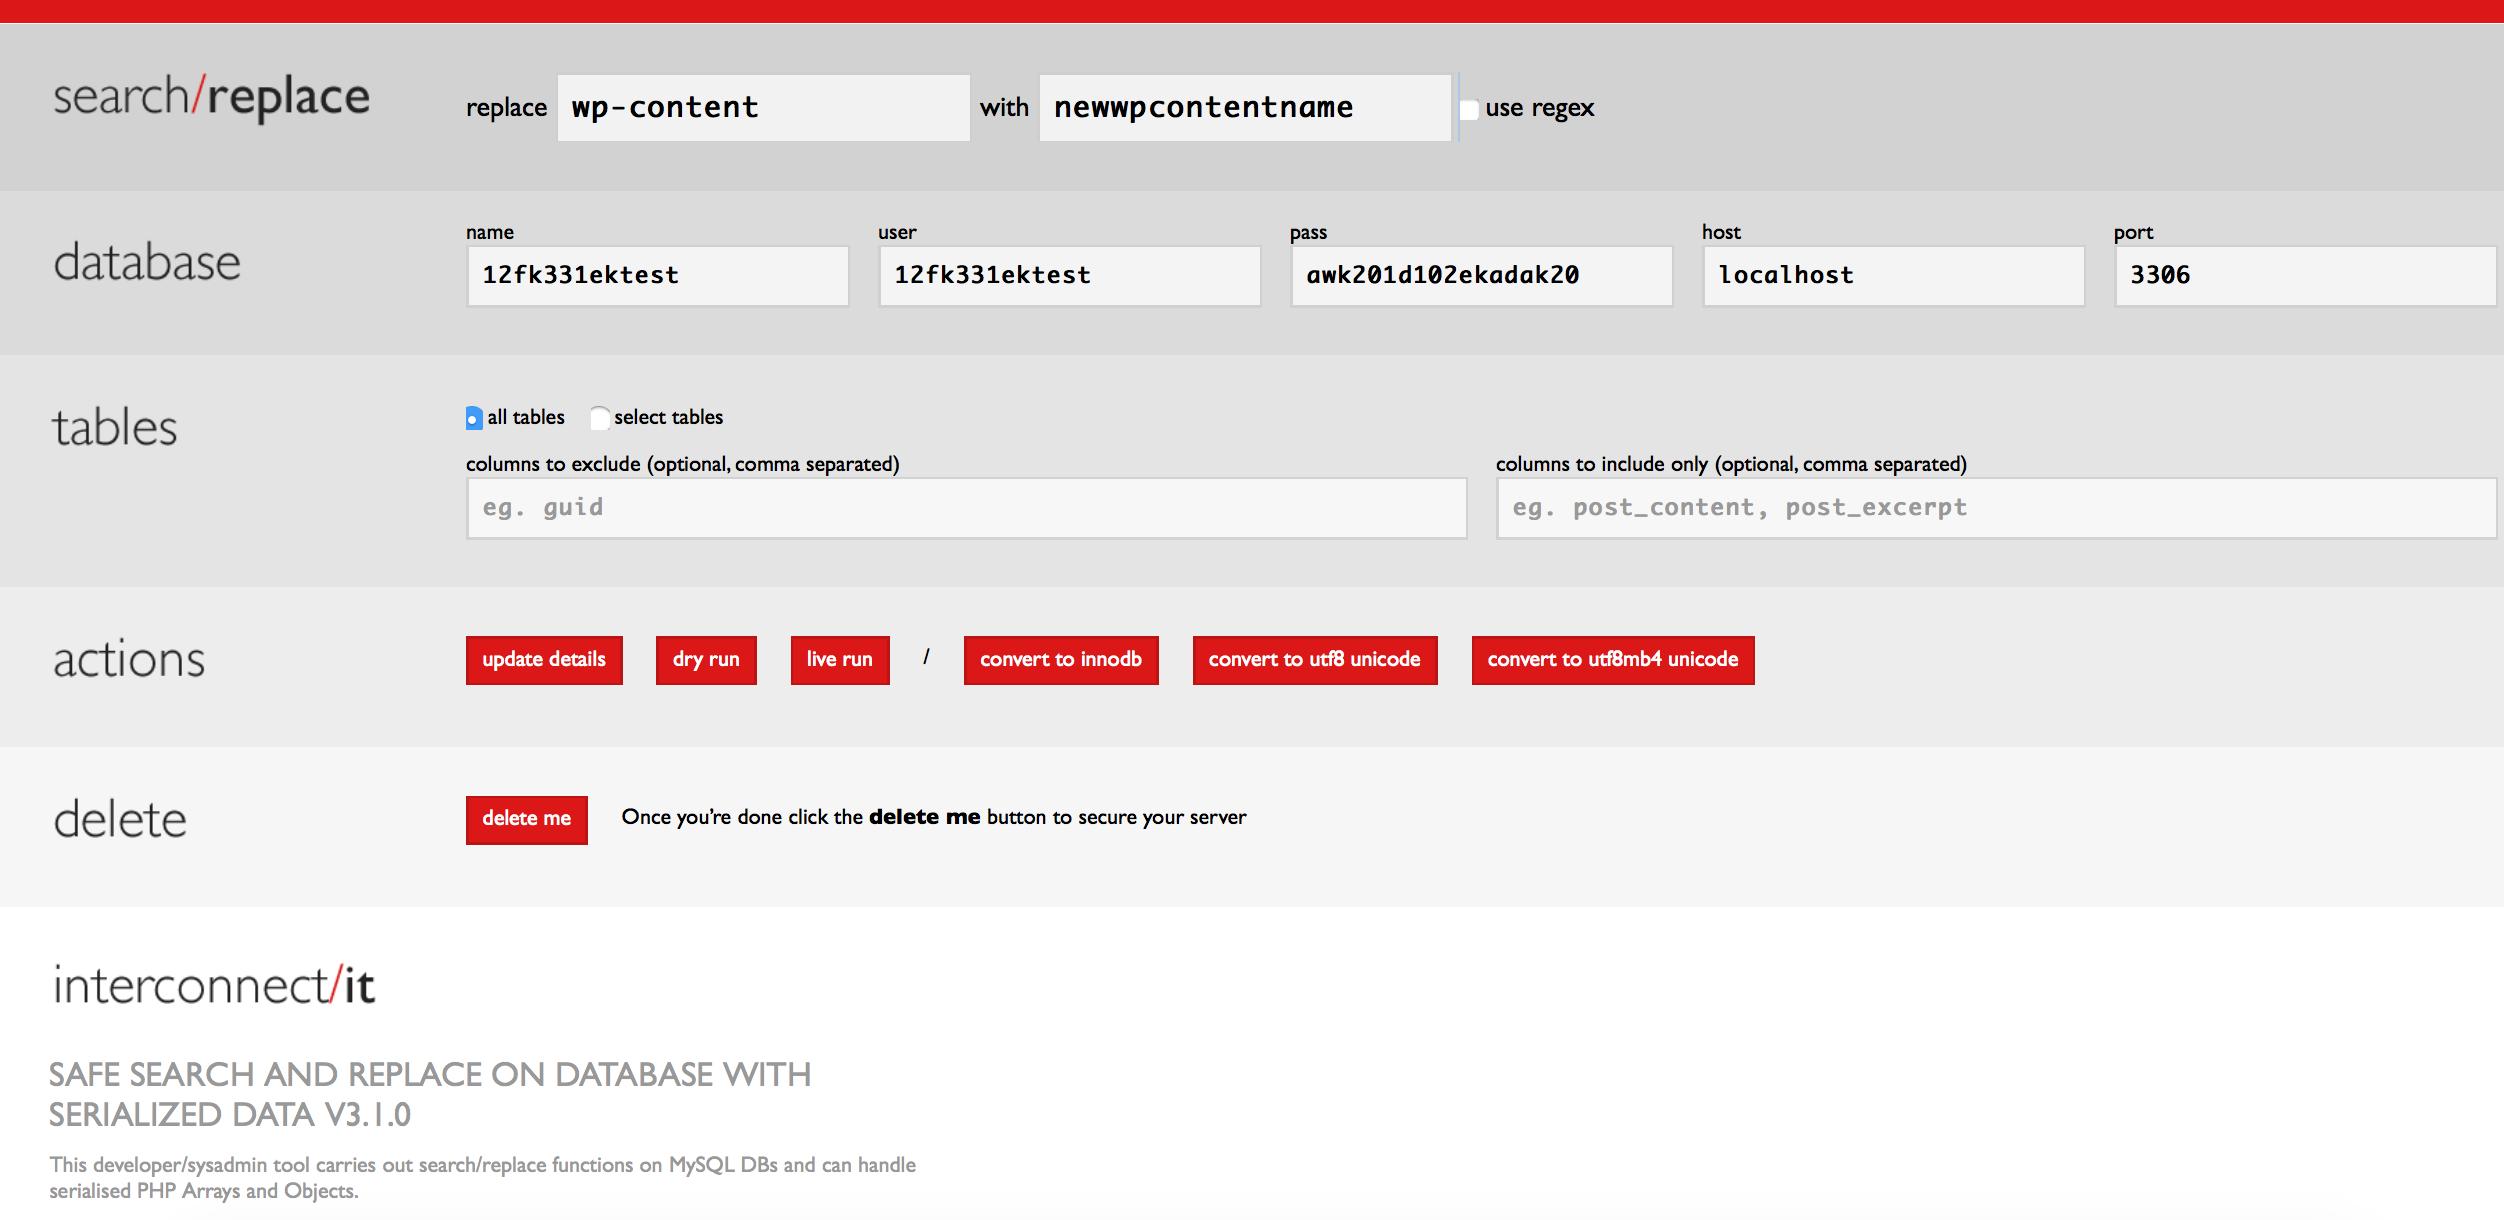 Search and Replace Tool nutzen um wp-content umbenennen zu können